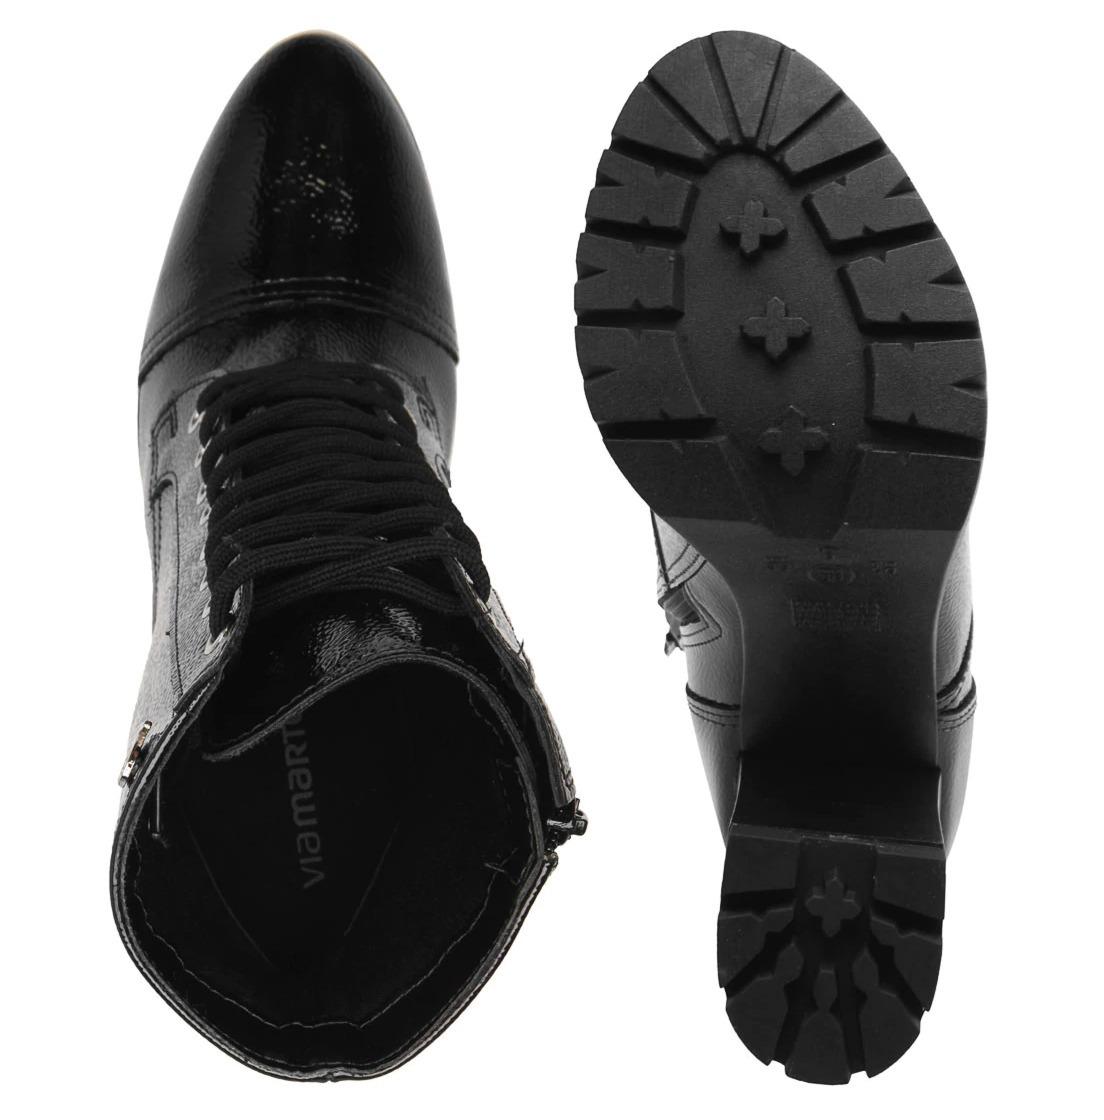 312dcf5a9 coturno bota feminina via marte 18-903 original preto verniz. Carregando  zoom.